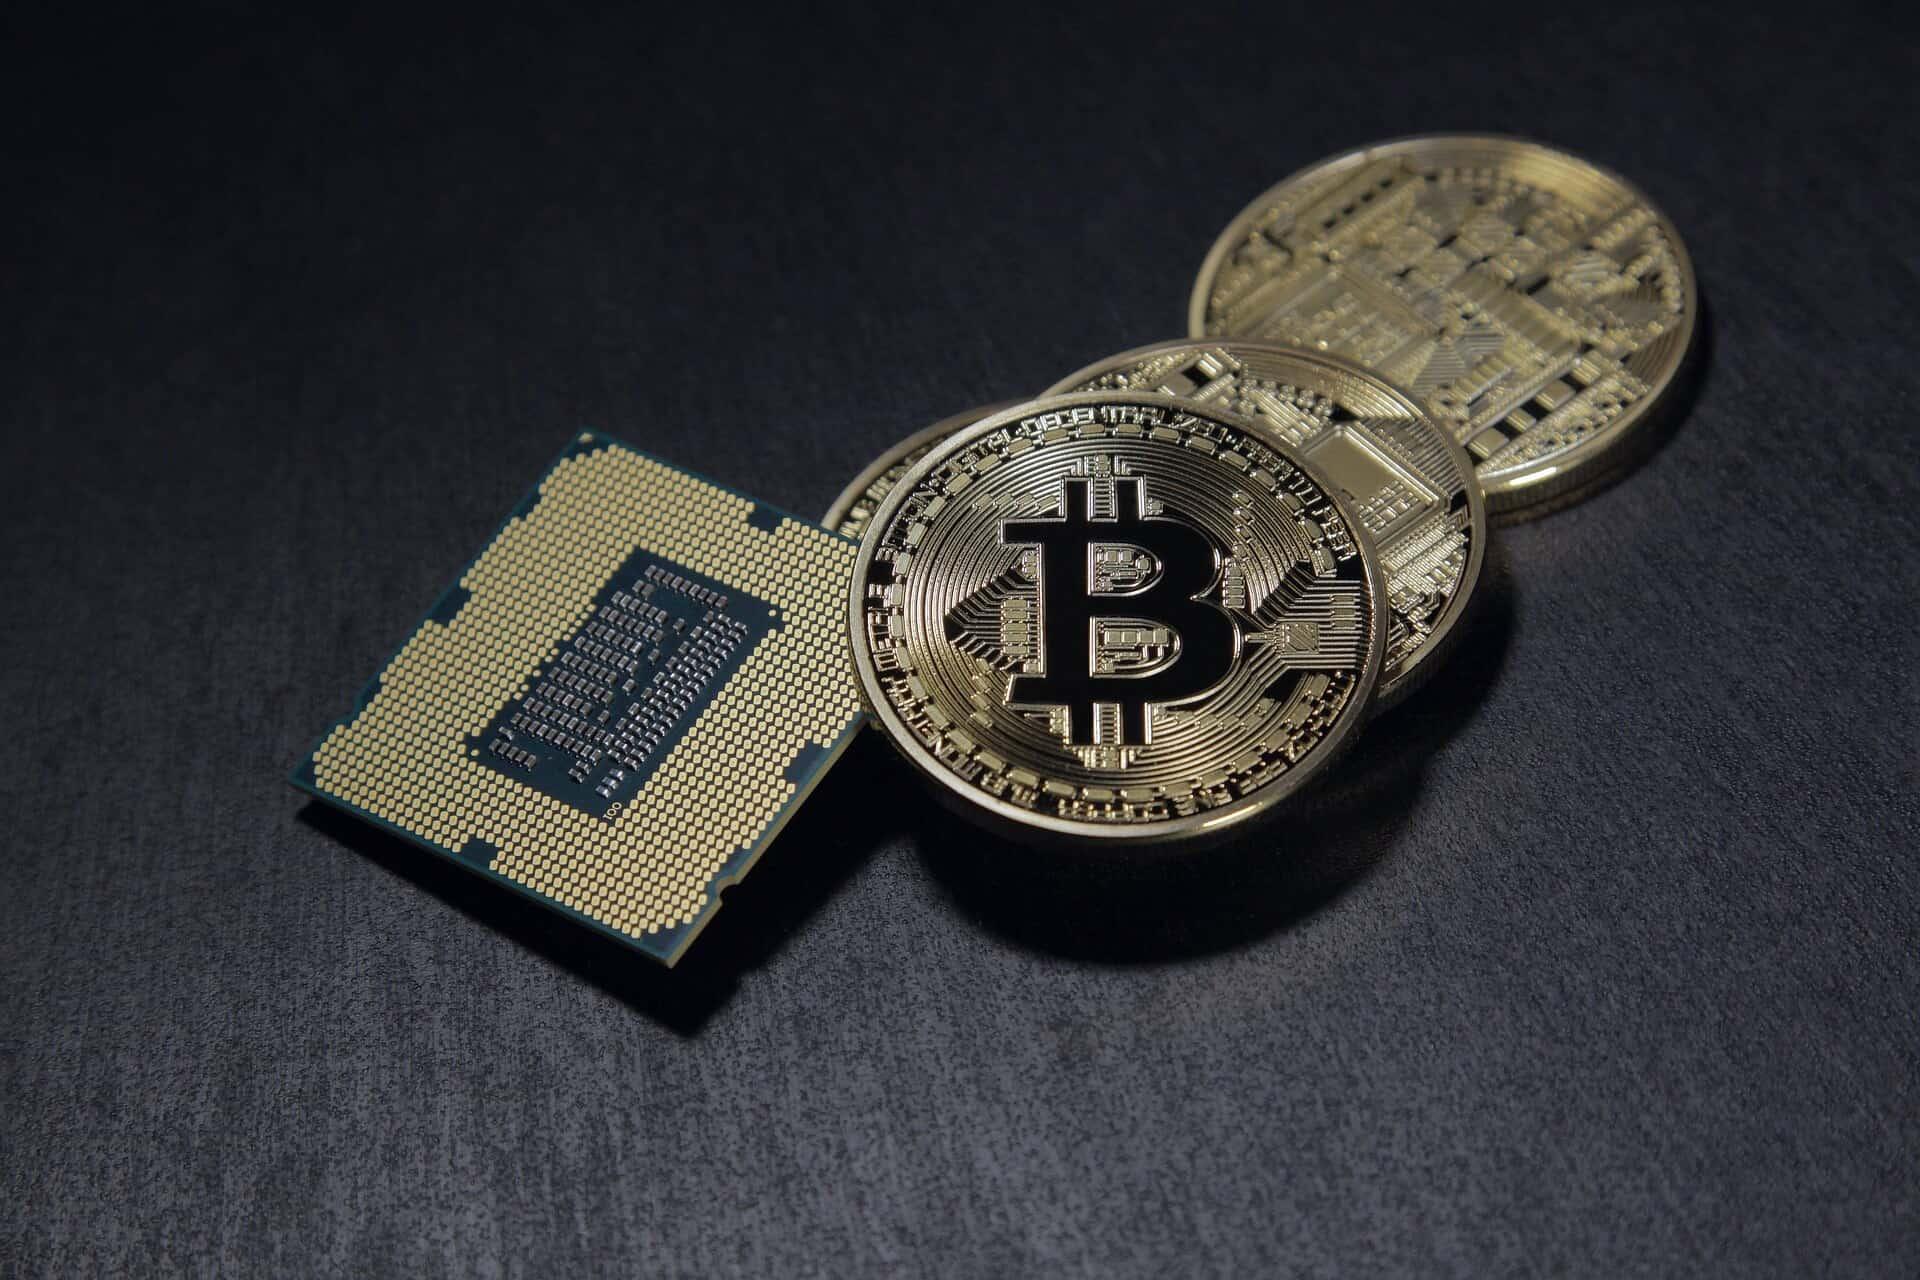 Buy Bitcoin and Sell Litecoin Advices Mike Novogratz